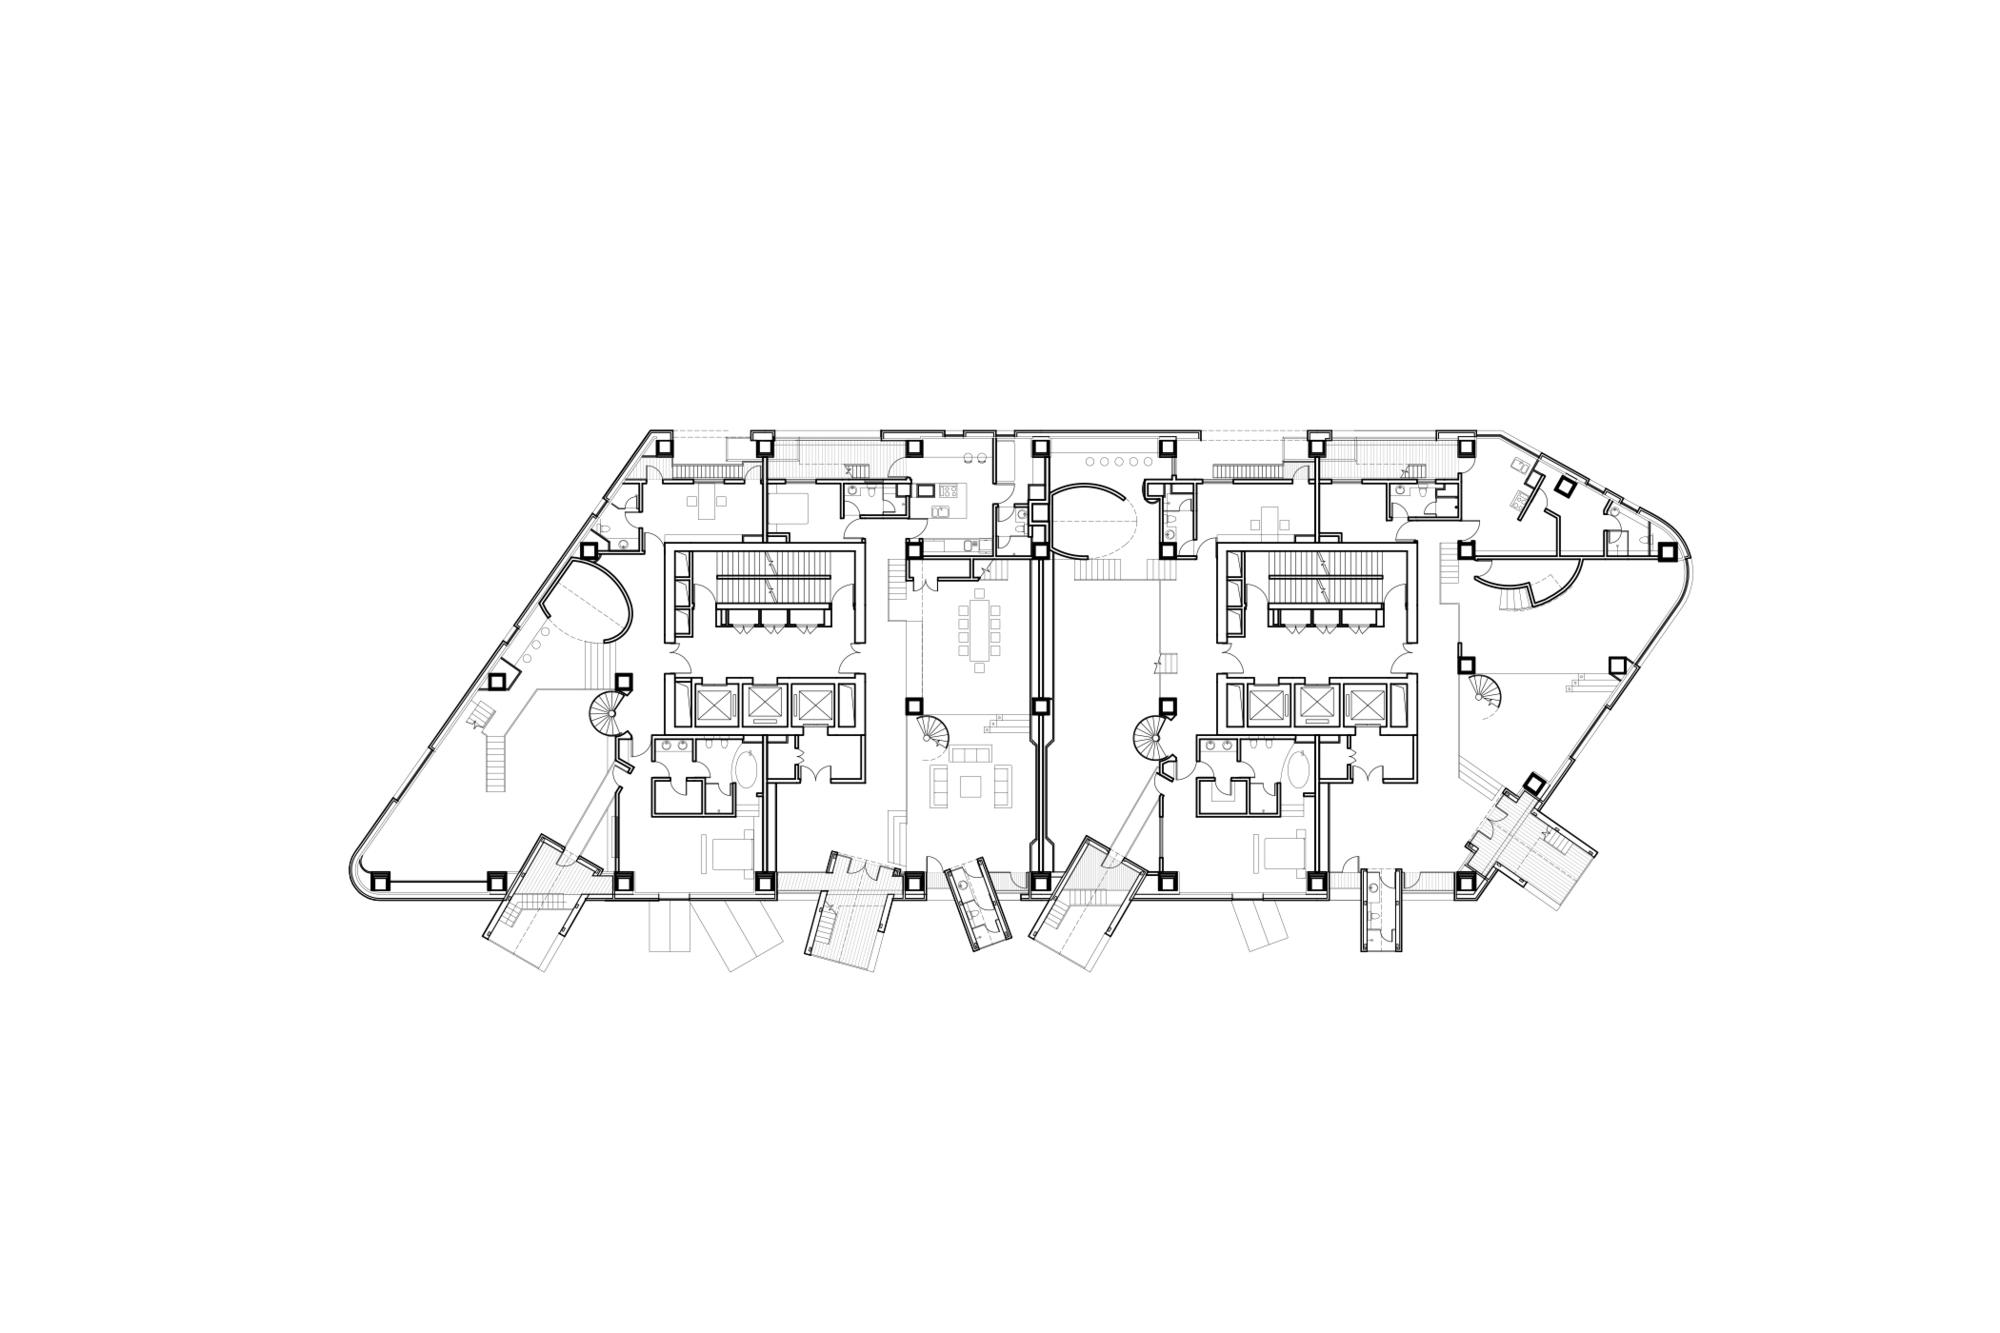 20_北楼七层平面图7th_floor_plan_of_north_tower1-550.jpg